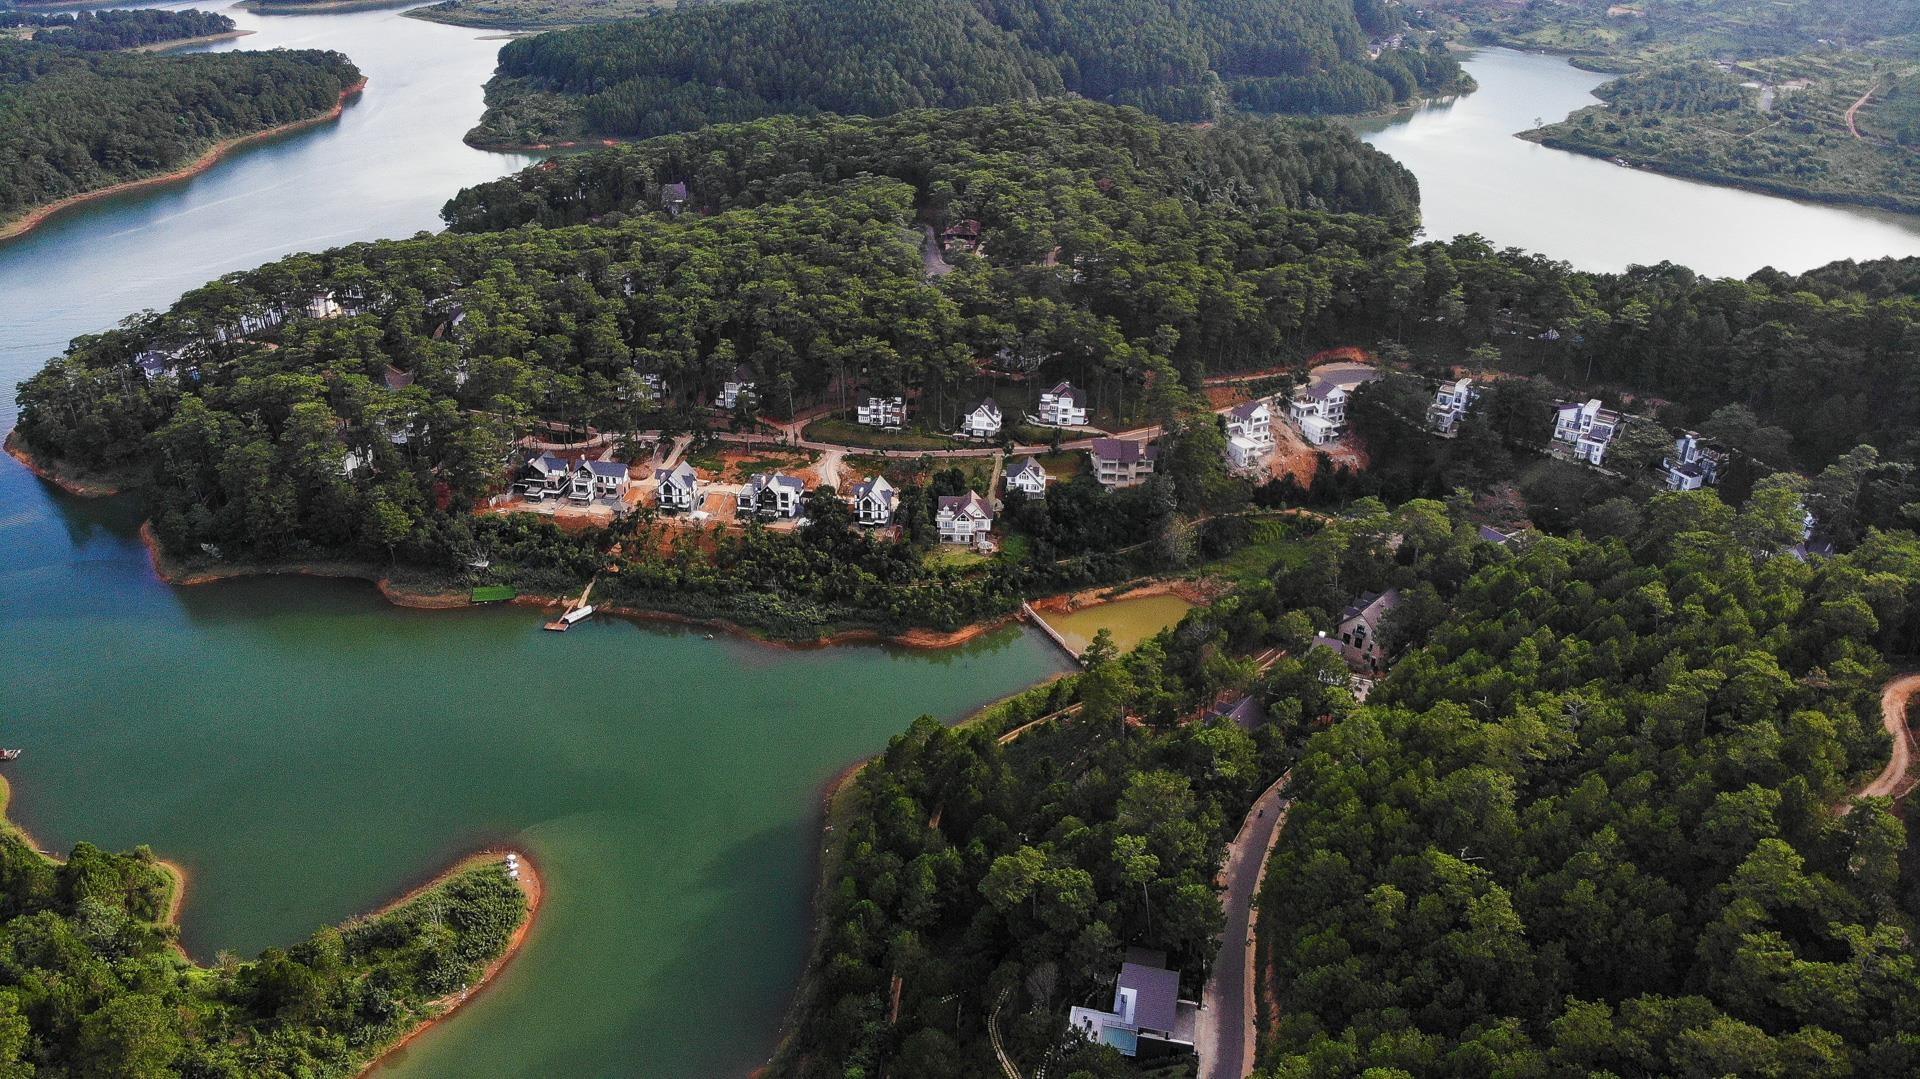 Nhiều dự án bất động sản sai phạm 'bao vây' hồ Tuyền Lâm ở Đà Lạt - Ảnh 9.